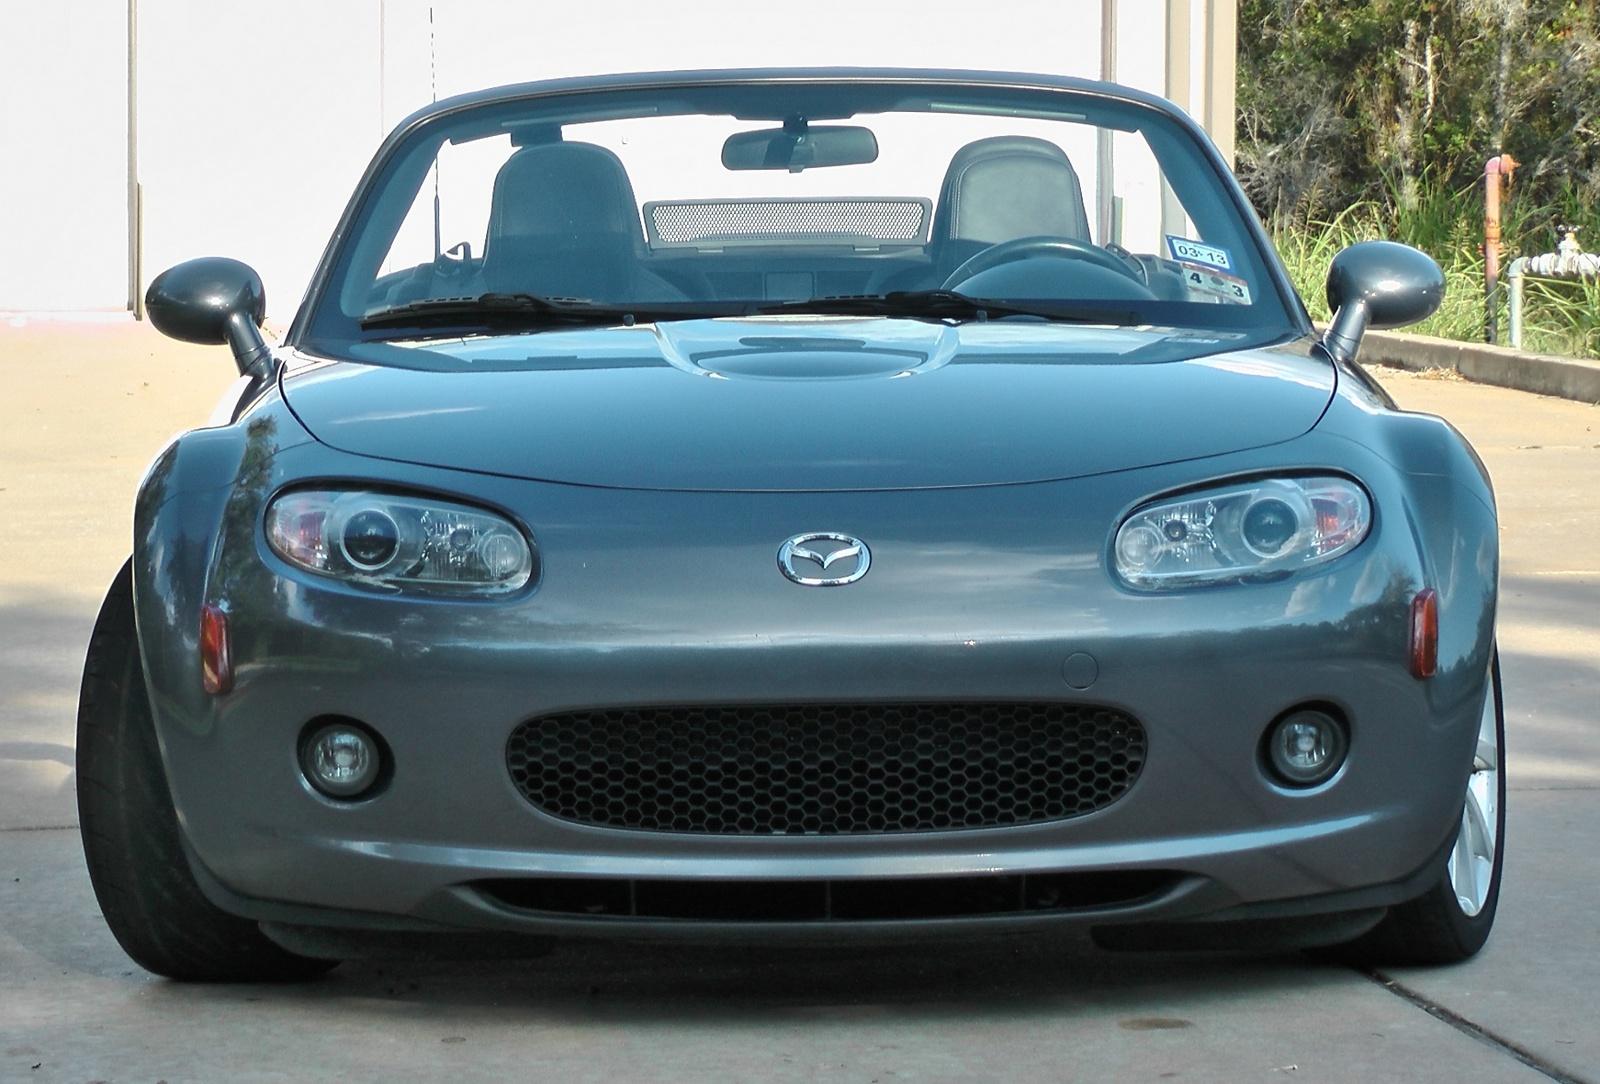 2008 Mazda Mx 5 Miata Pictures Cargurus